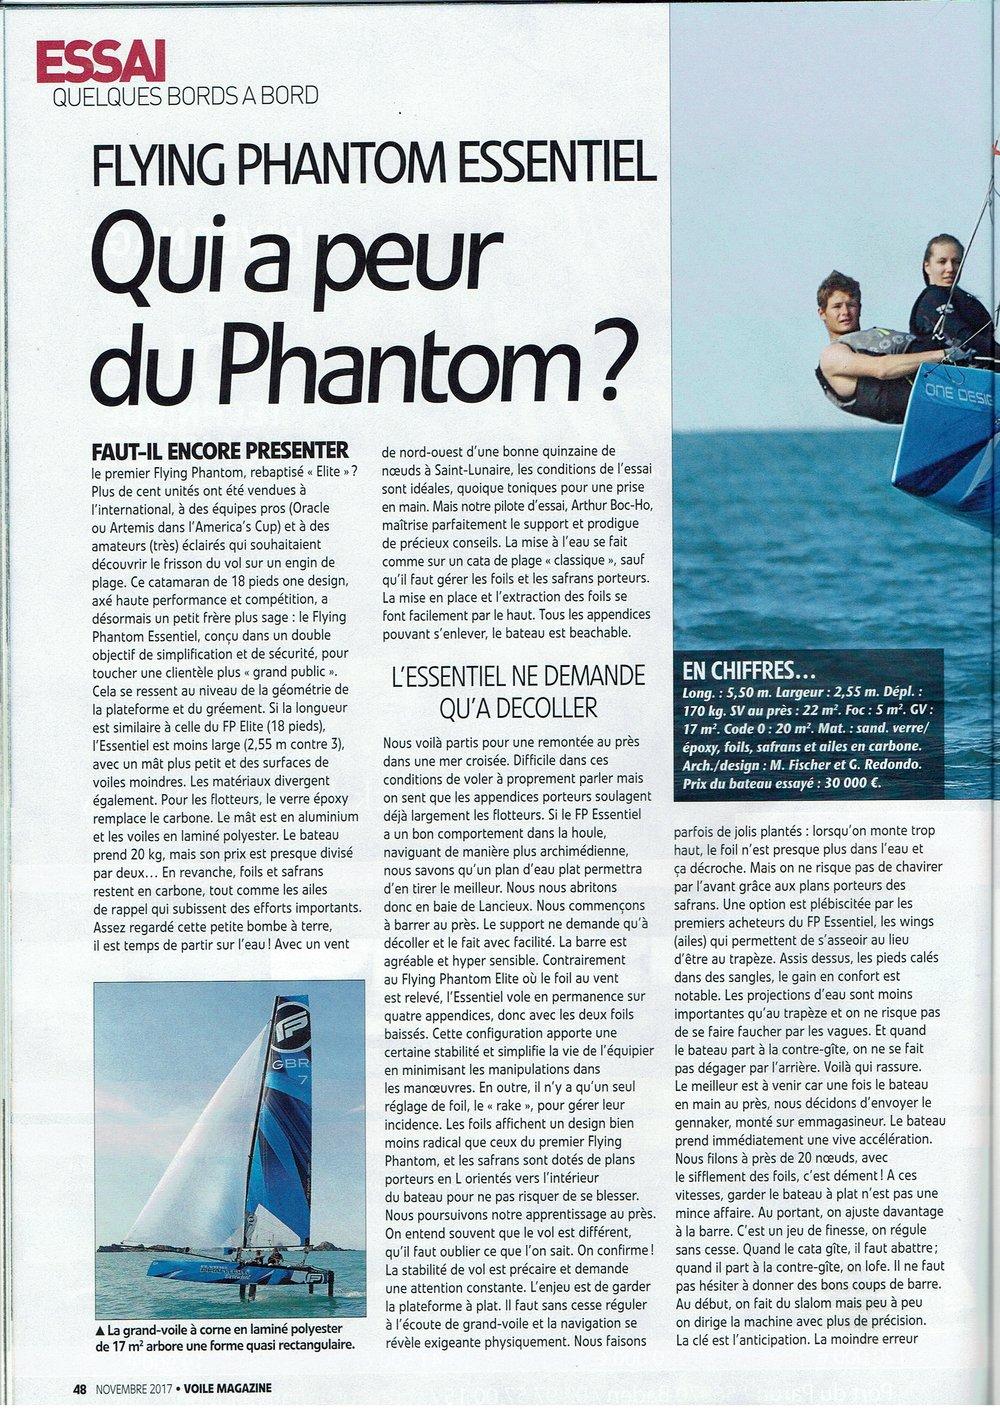 VoileMagazine_Essai_1.jpeg